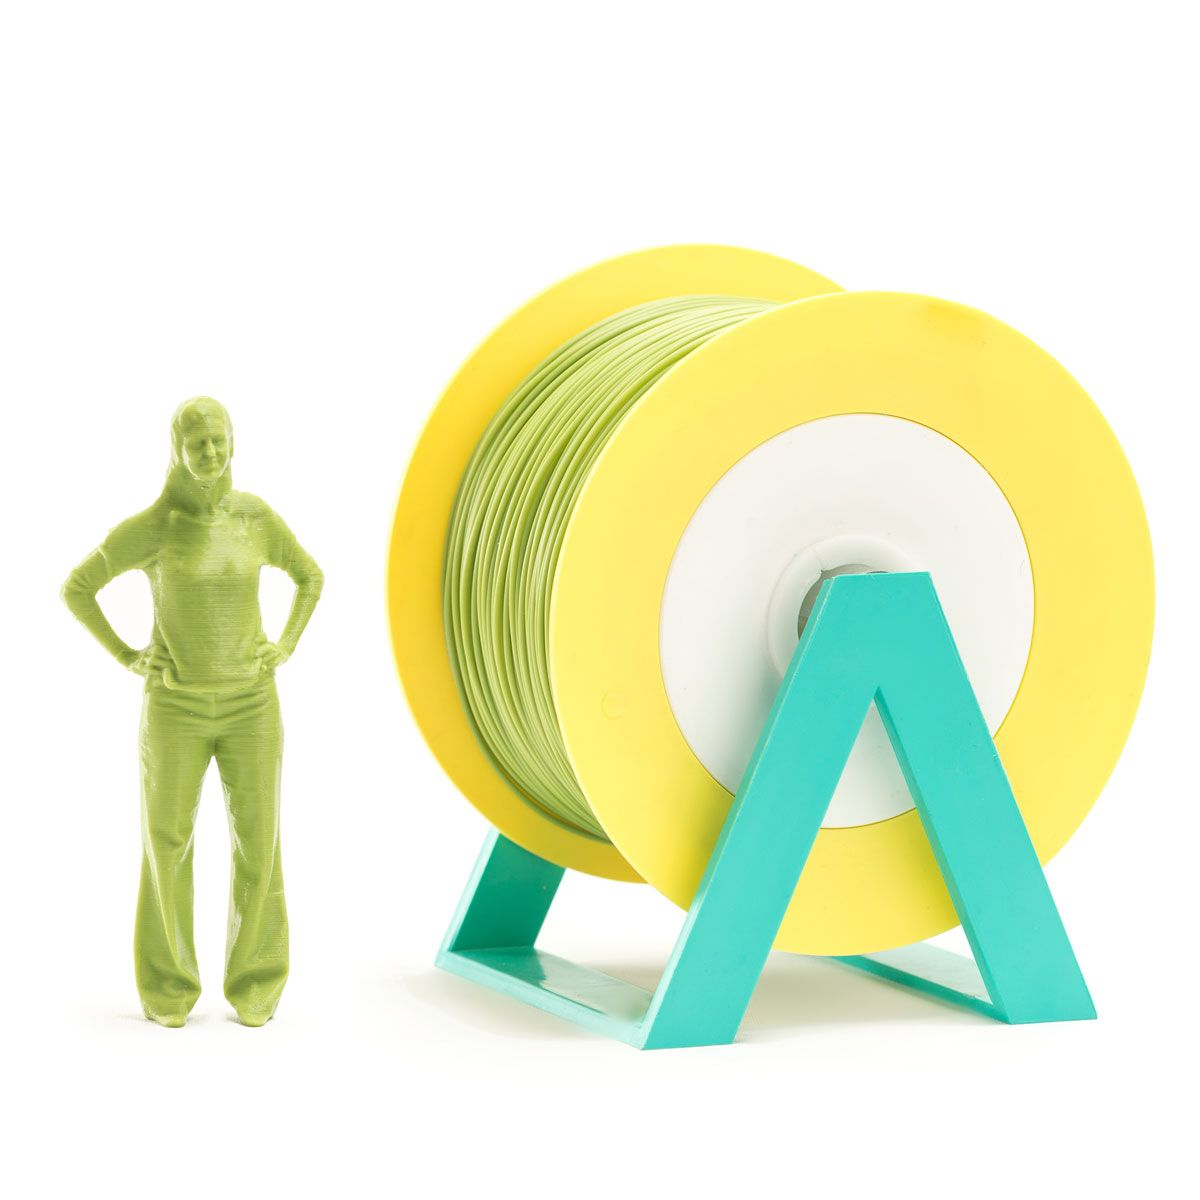 PLA Filament | Color: Sage Green